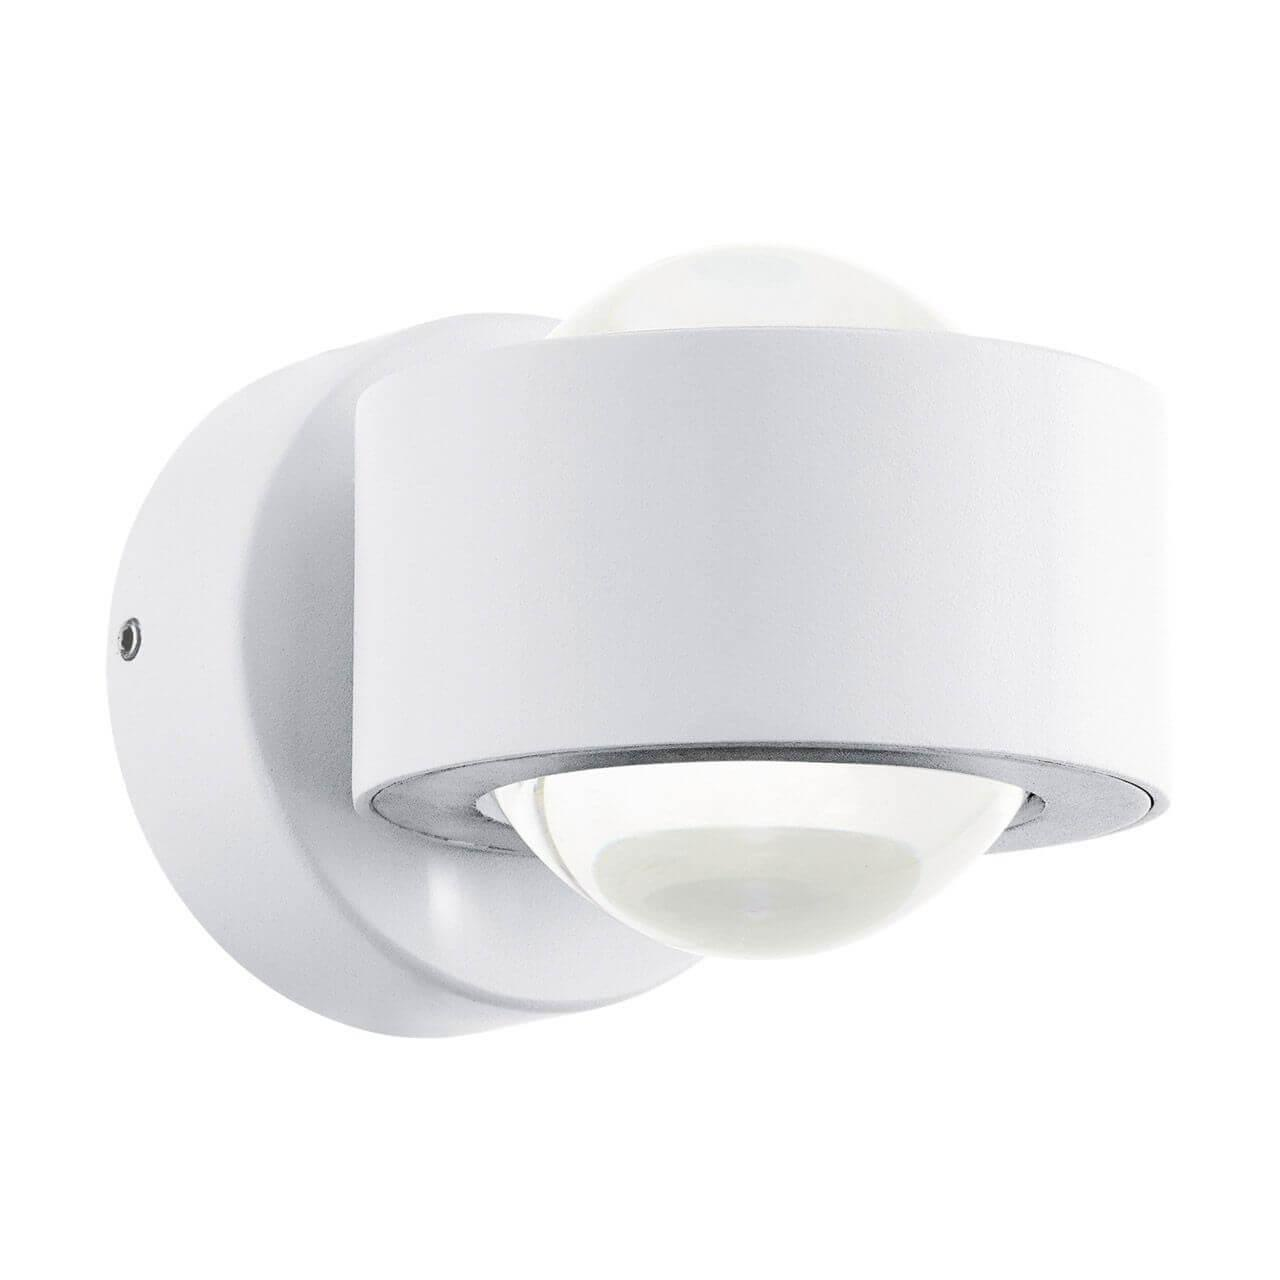 Настенный светильник Eglo 96048, белый